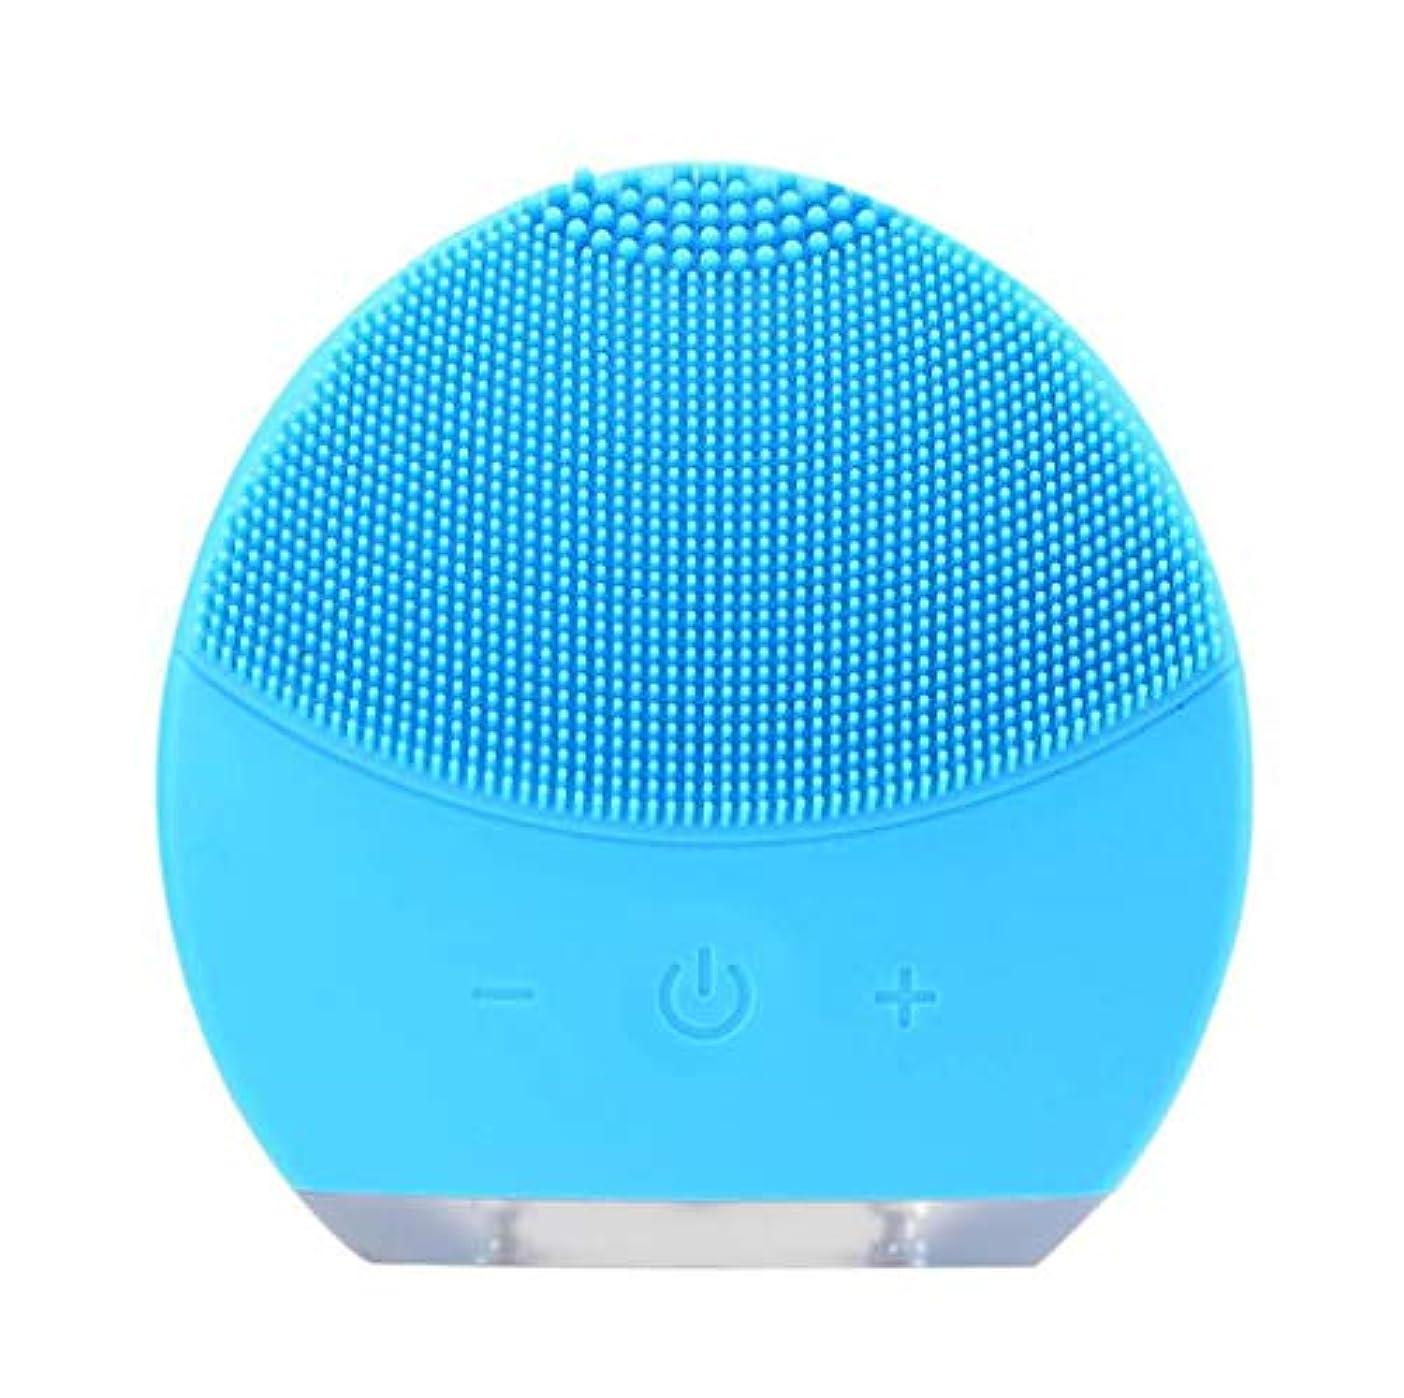 地獄まだらミュウミュウ超音波振動美容機器洗浄器、皮膚の毛穴を最小限に抑えるマイクロダーマブレーション毛穴、USB 充電と防水,Blue